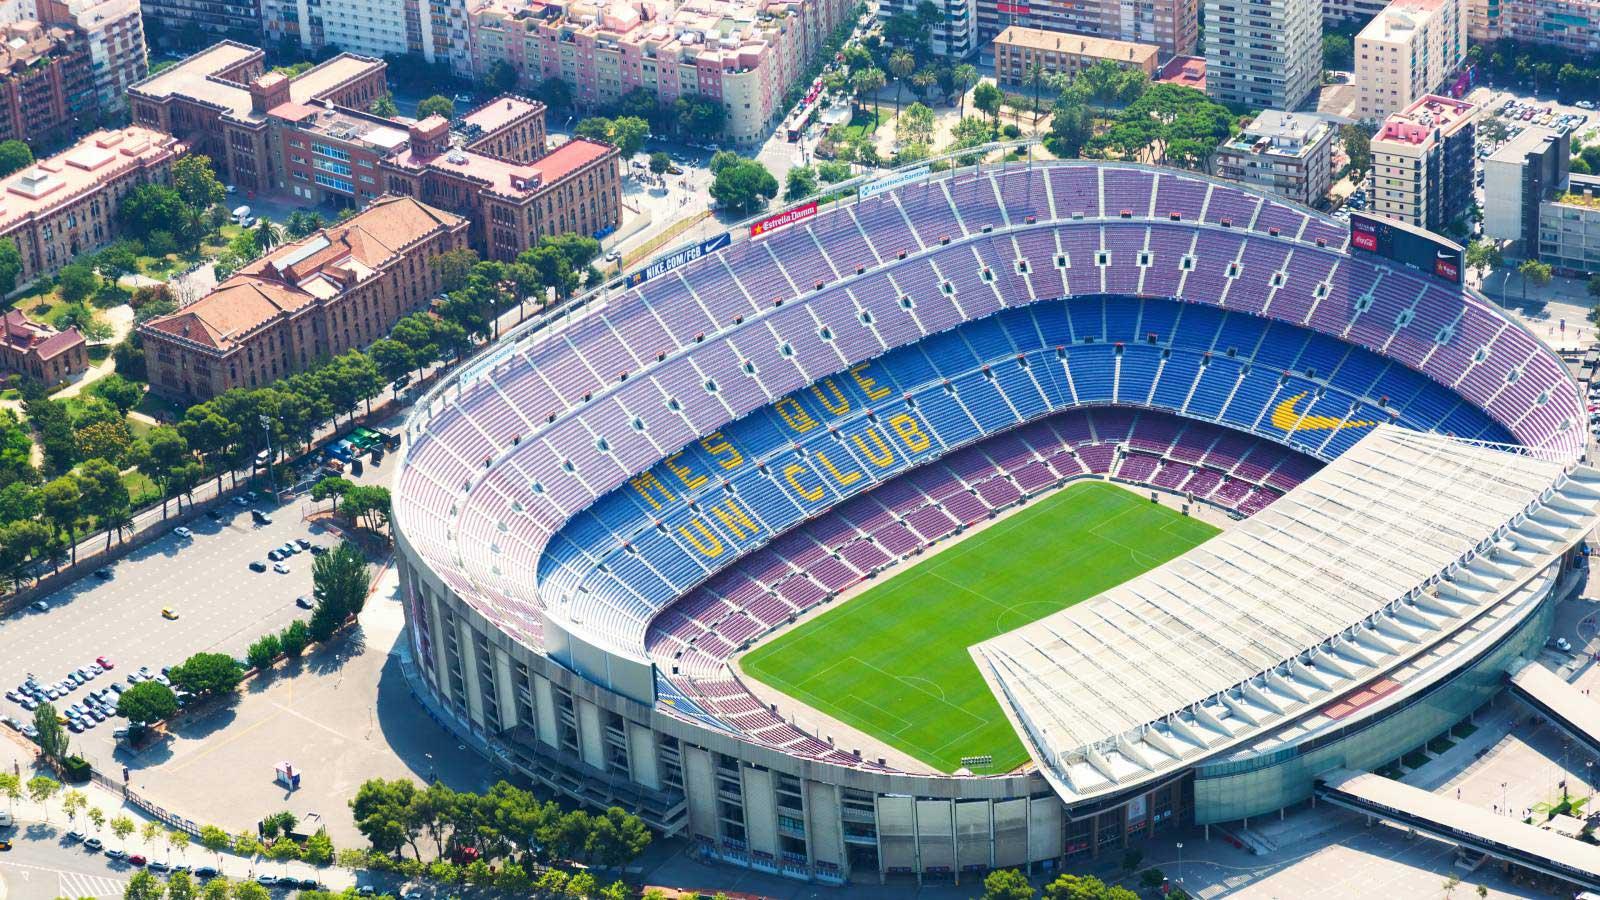 Camp Nou, o lendário estádio do Barcelona, terá rede 5G para transmissões esportivas